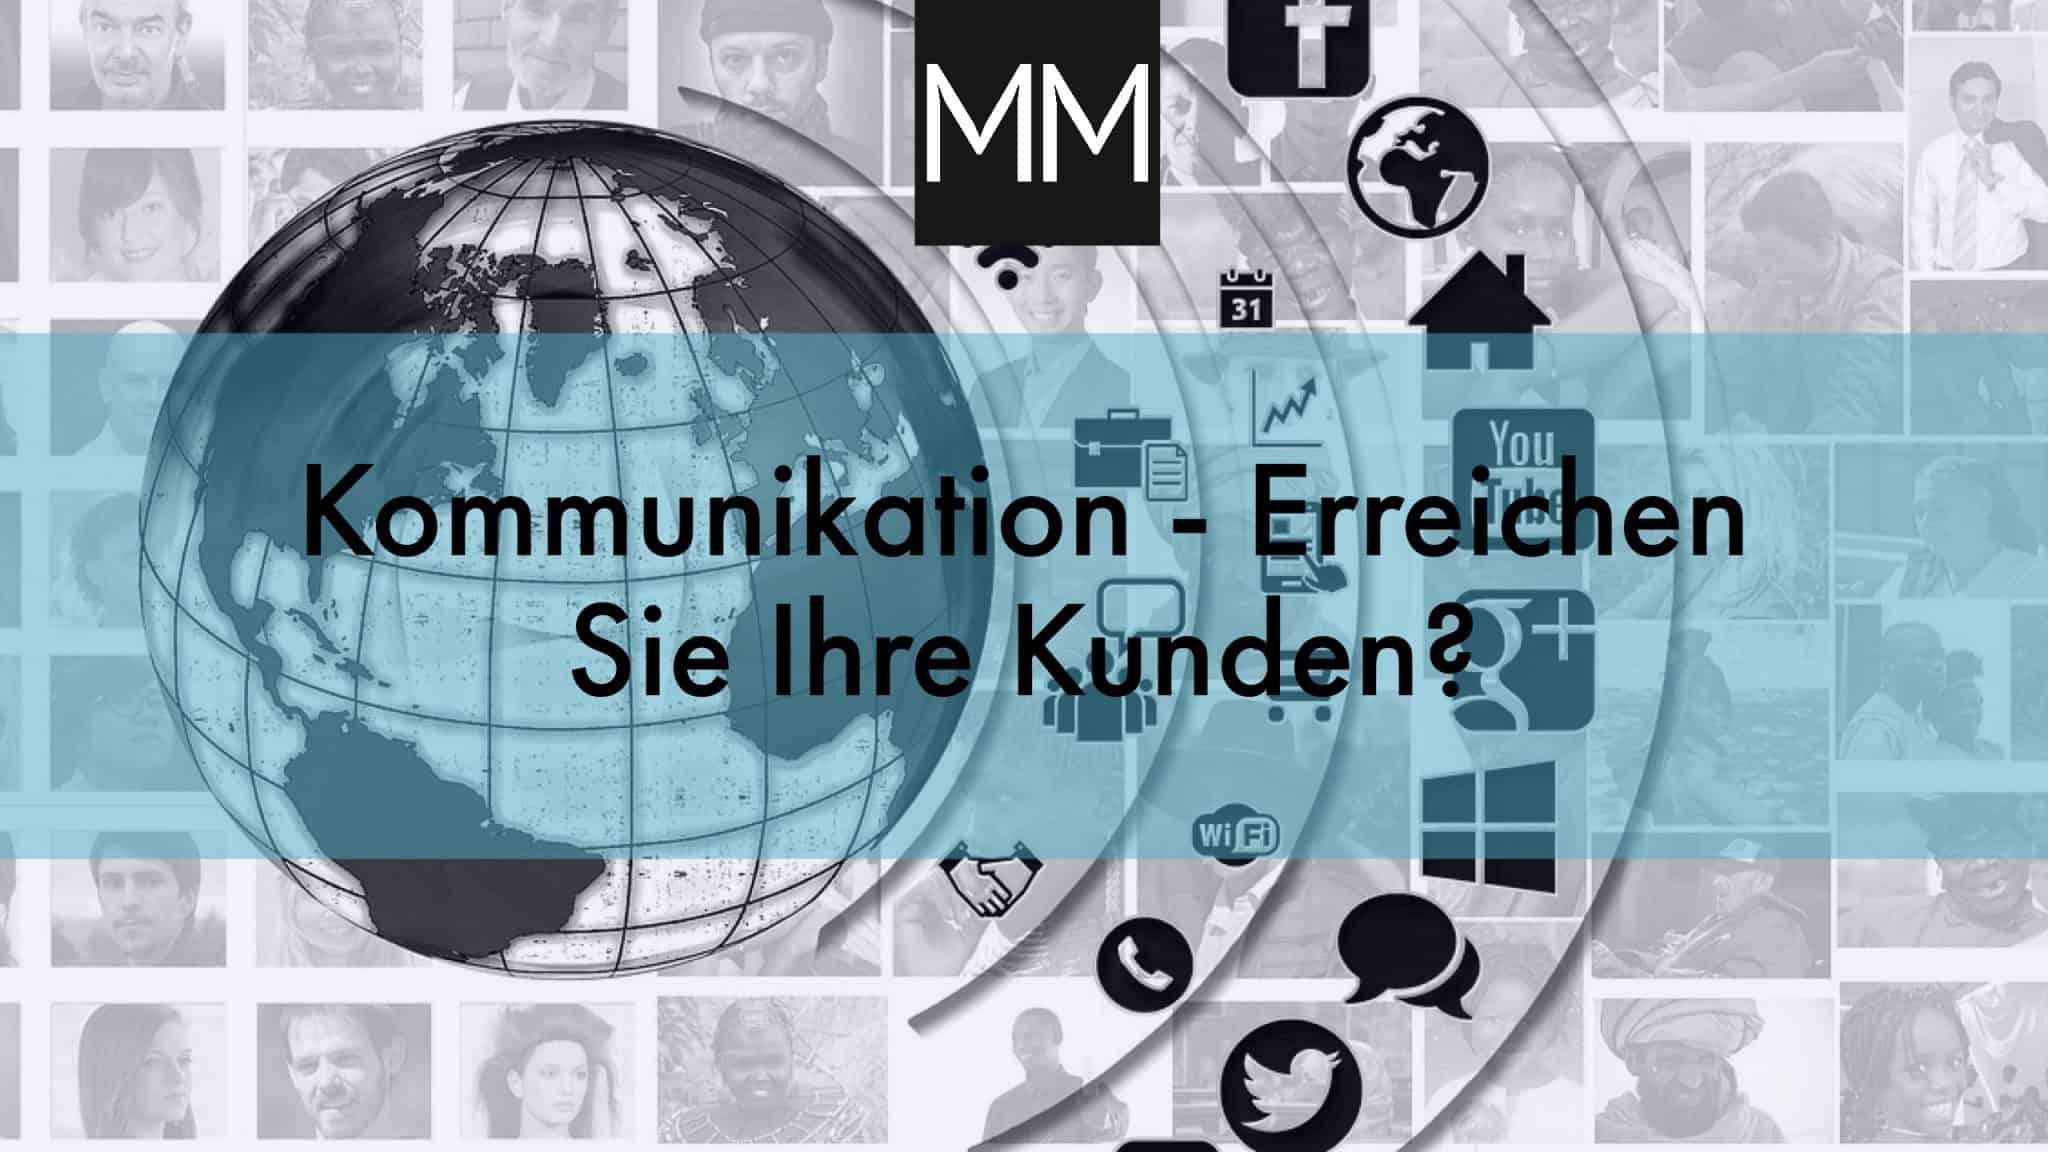 Kommunikation - Erreichen Sie Ihre Kunden? MeissnerMedia